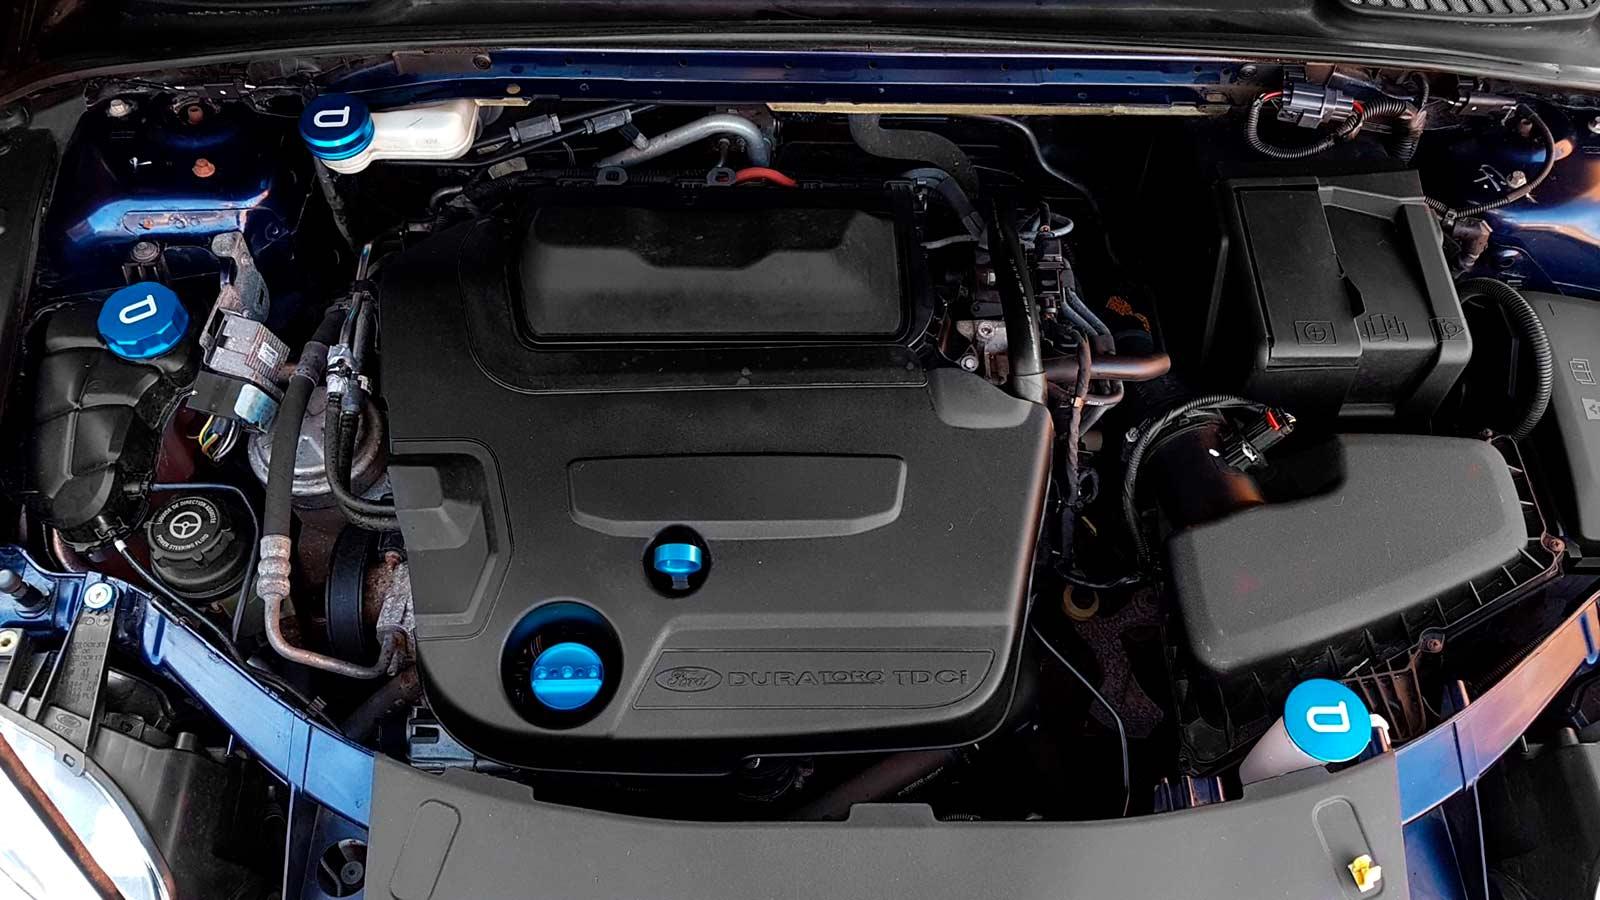 Диагностика и ремонт Форд в Санкт-Петербурге